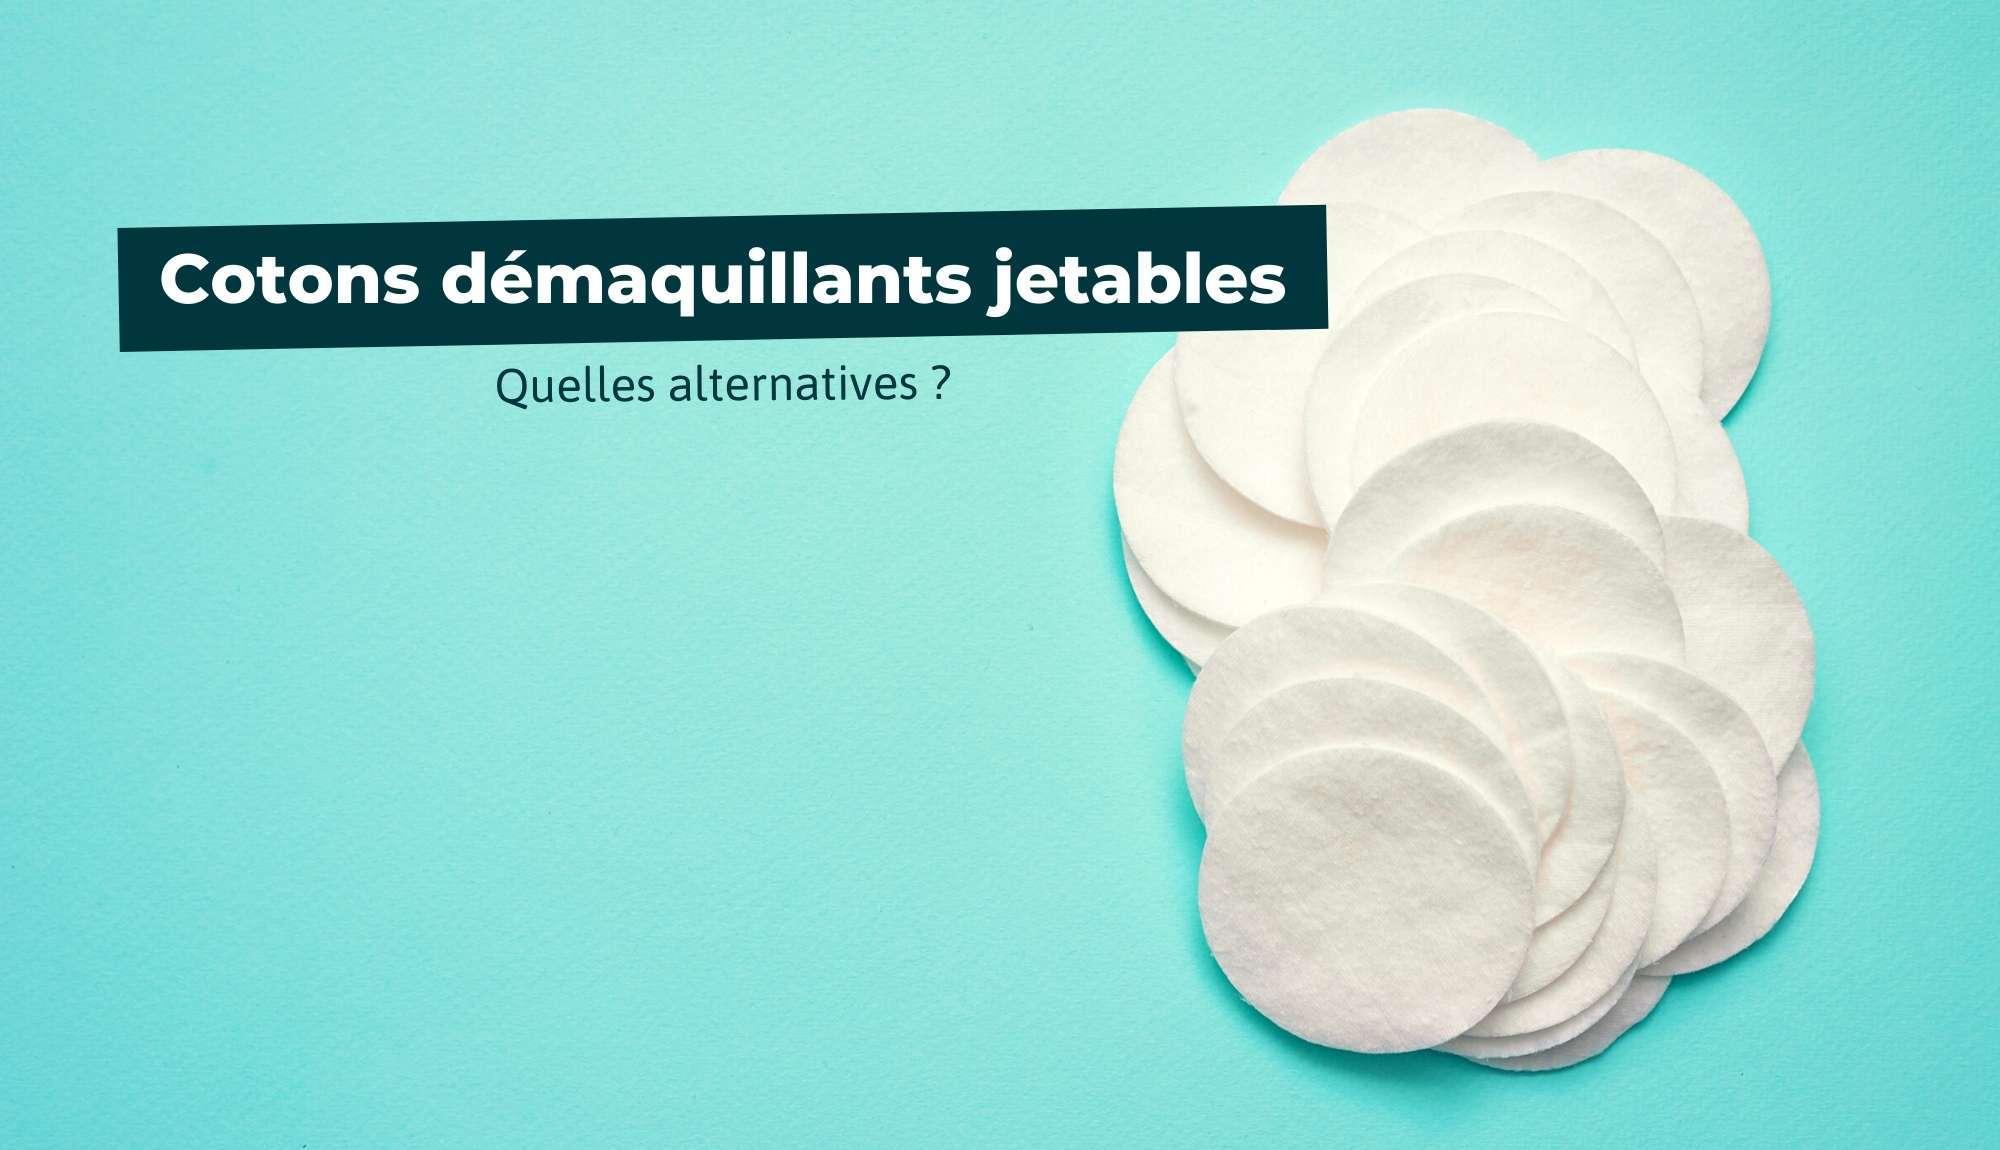 Quelles sont les alternatives aux cotons démaquillants jetables ?